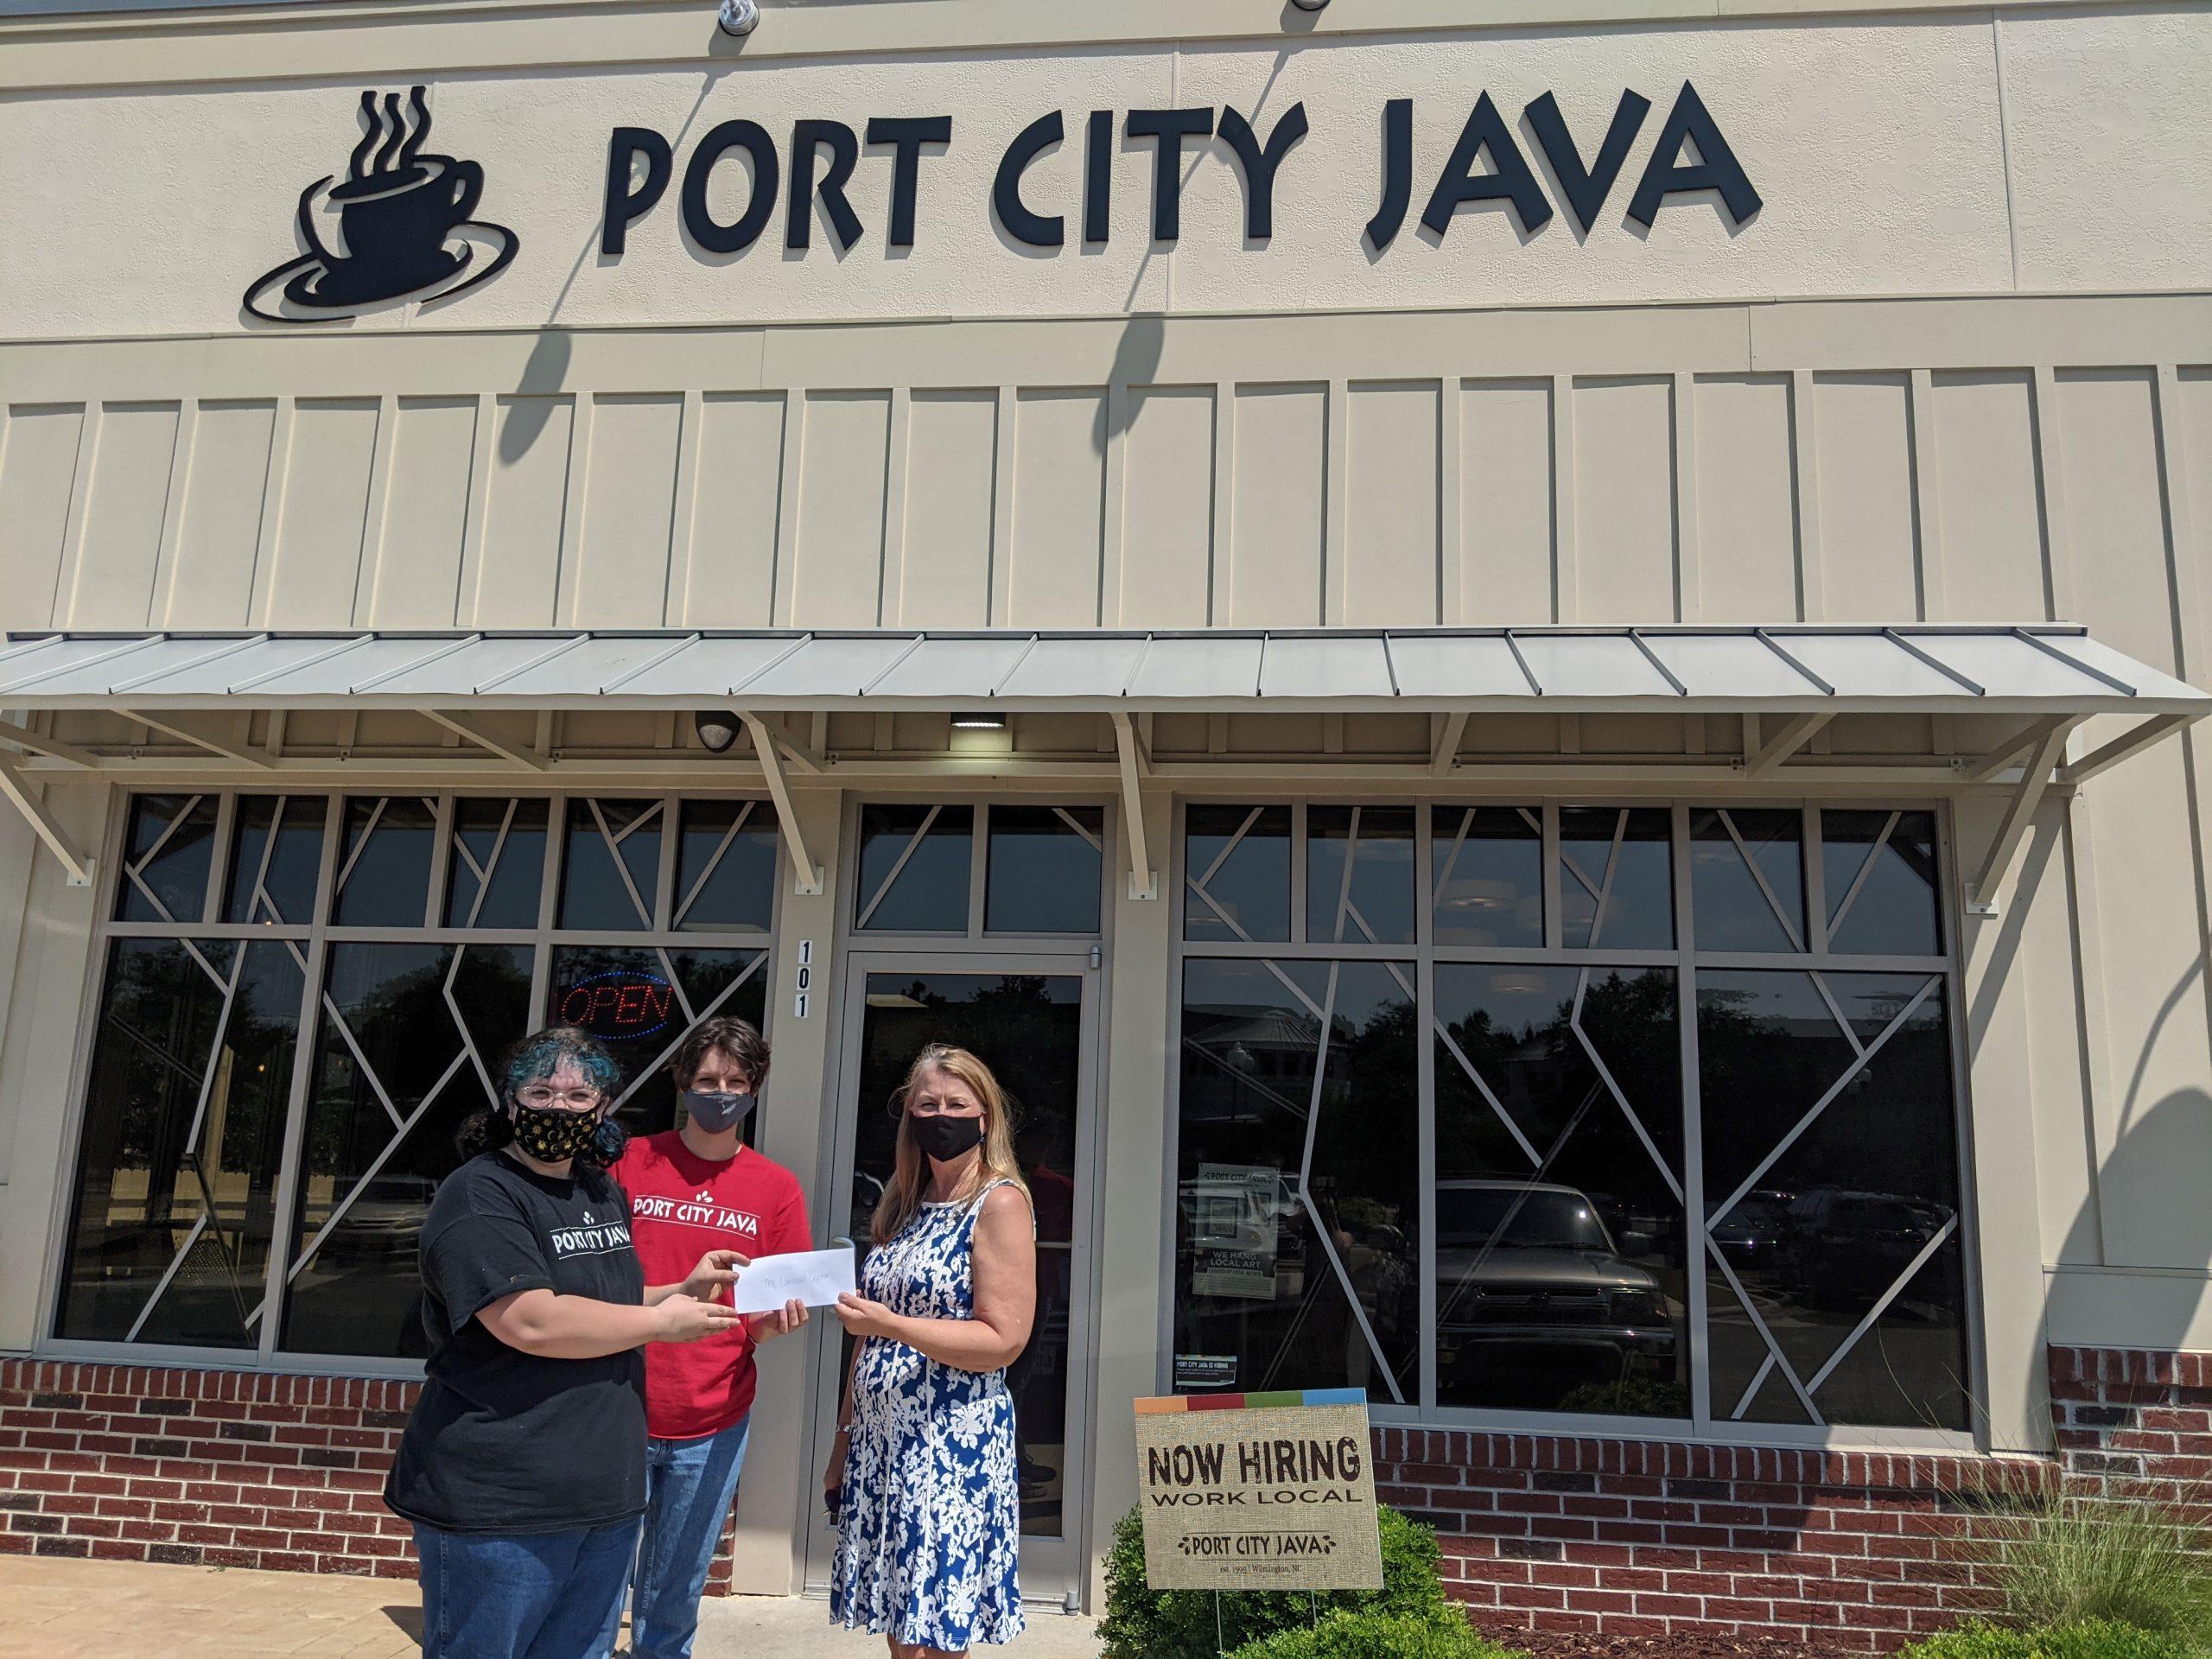 Port City Java Blue Sleeve Promtion Masonboro loop